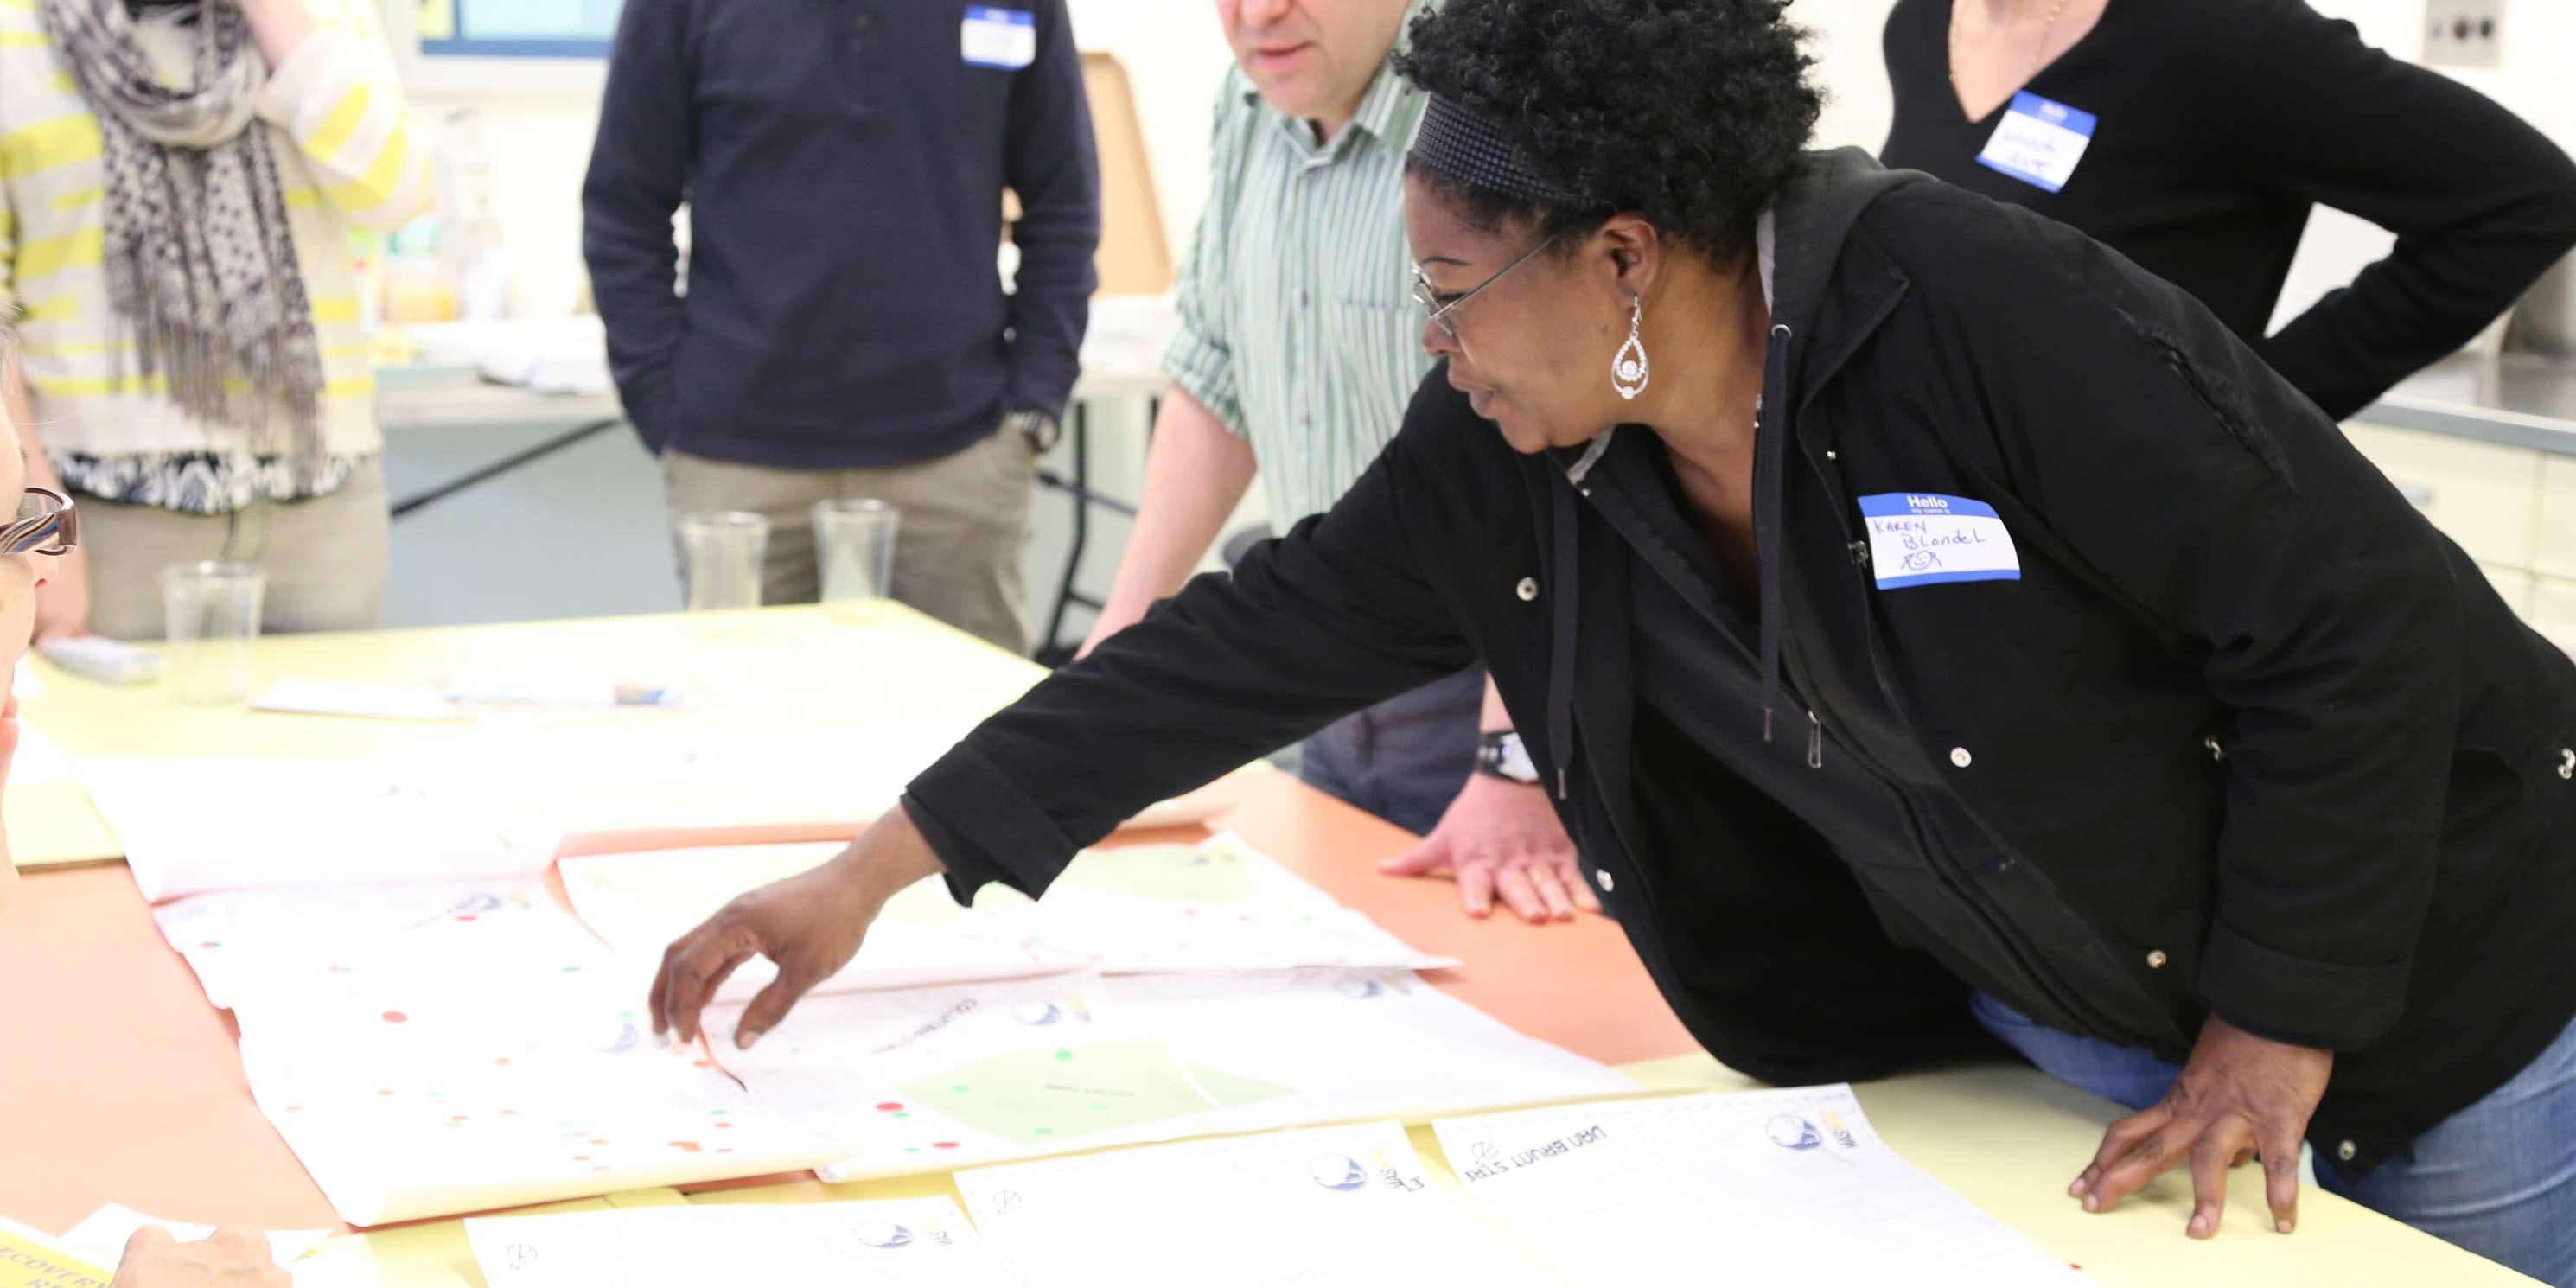 workshop participants review maps